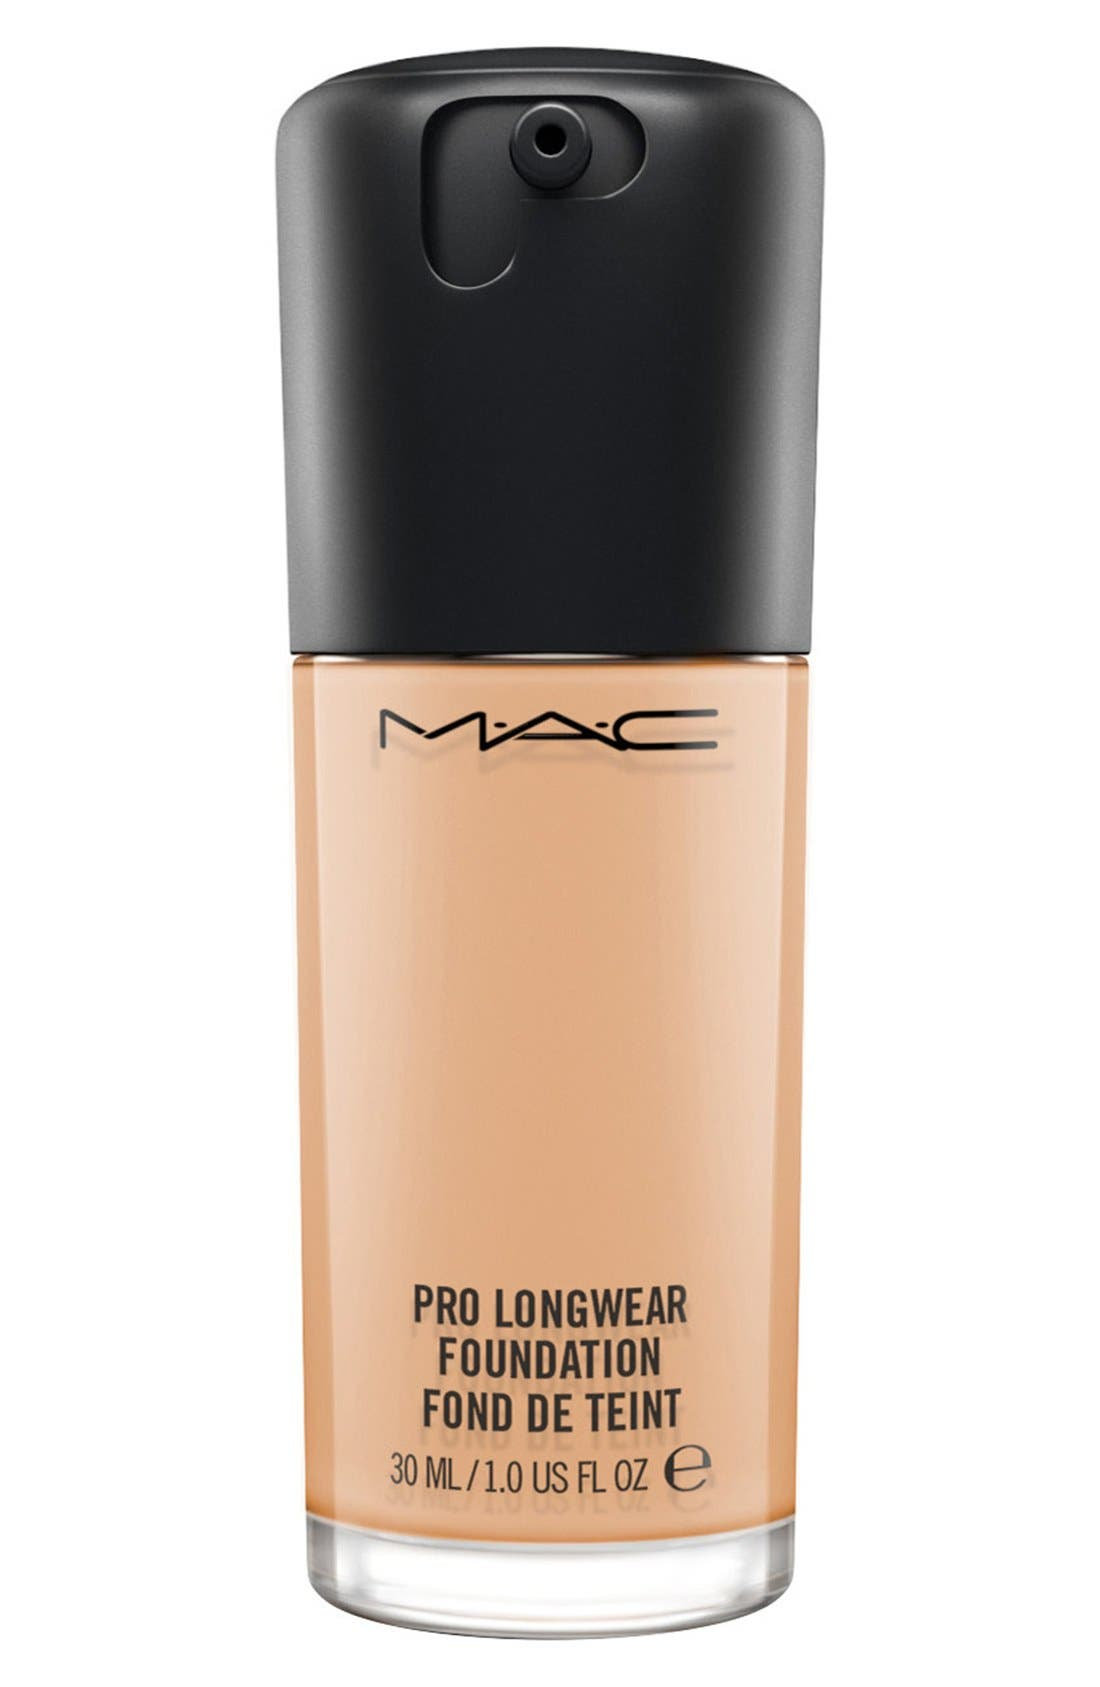 MAC Pro Longwear Foundation